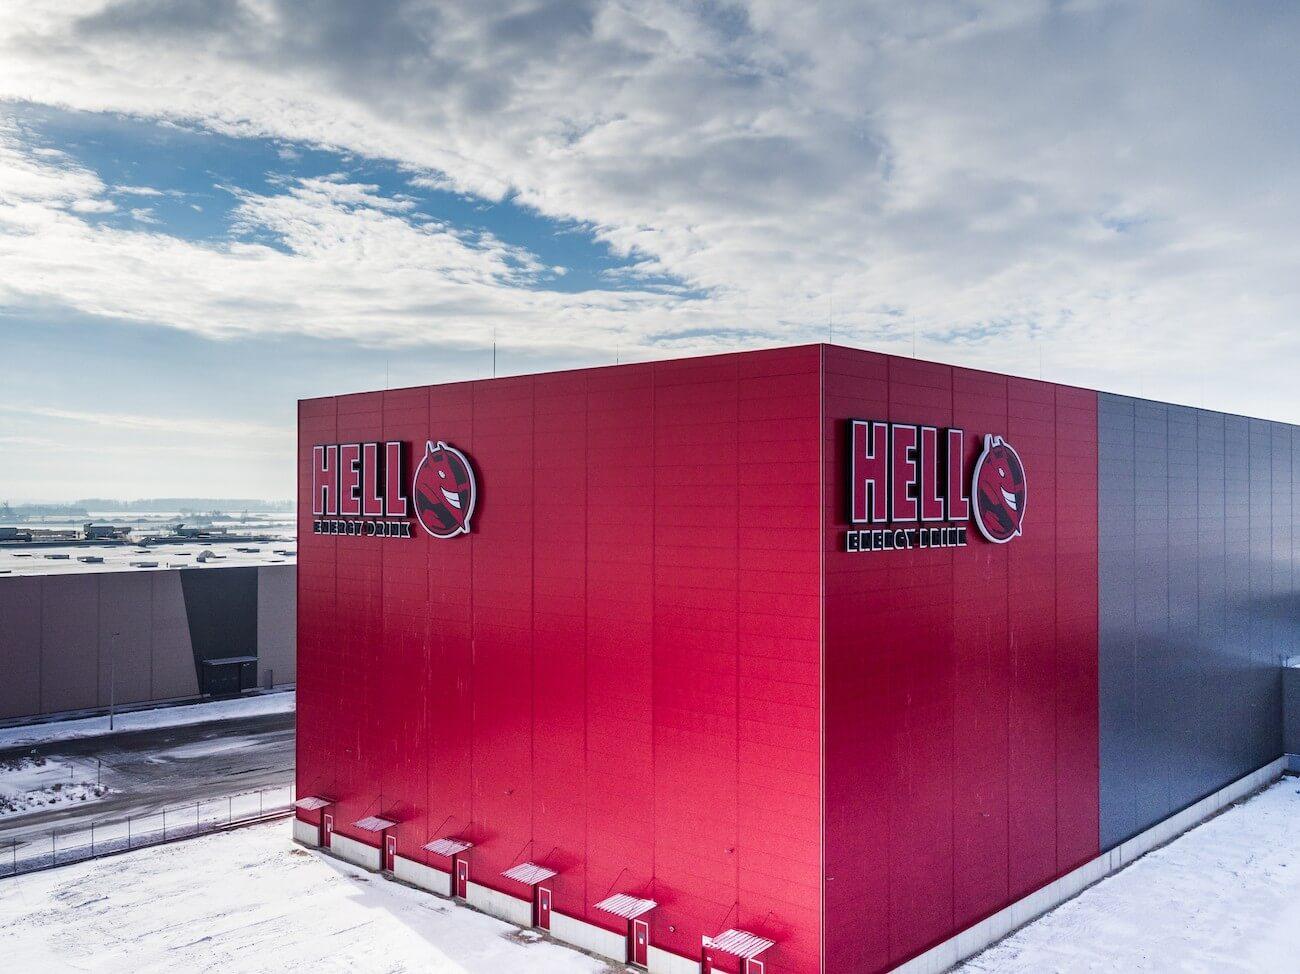 Több mint harmincezer raklap fér el a Hell új raktárában